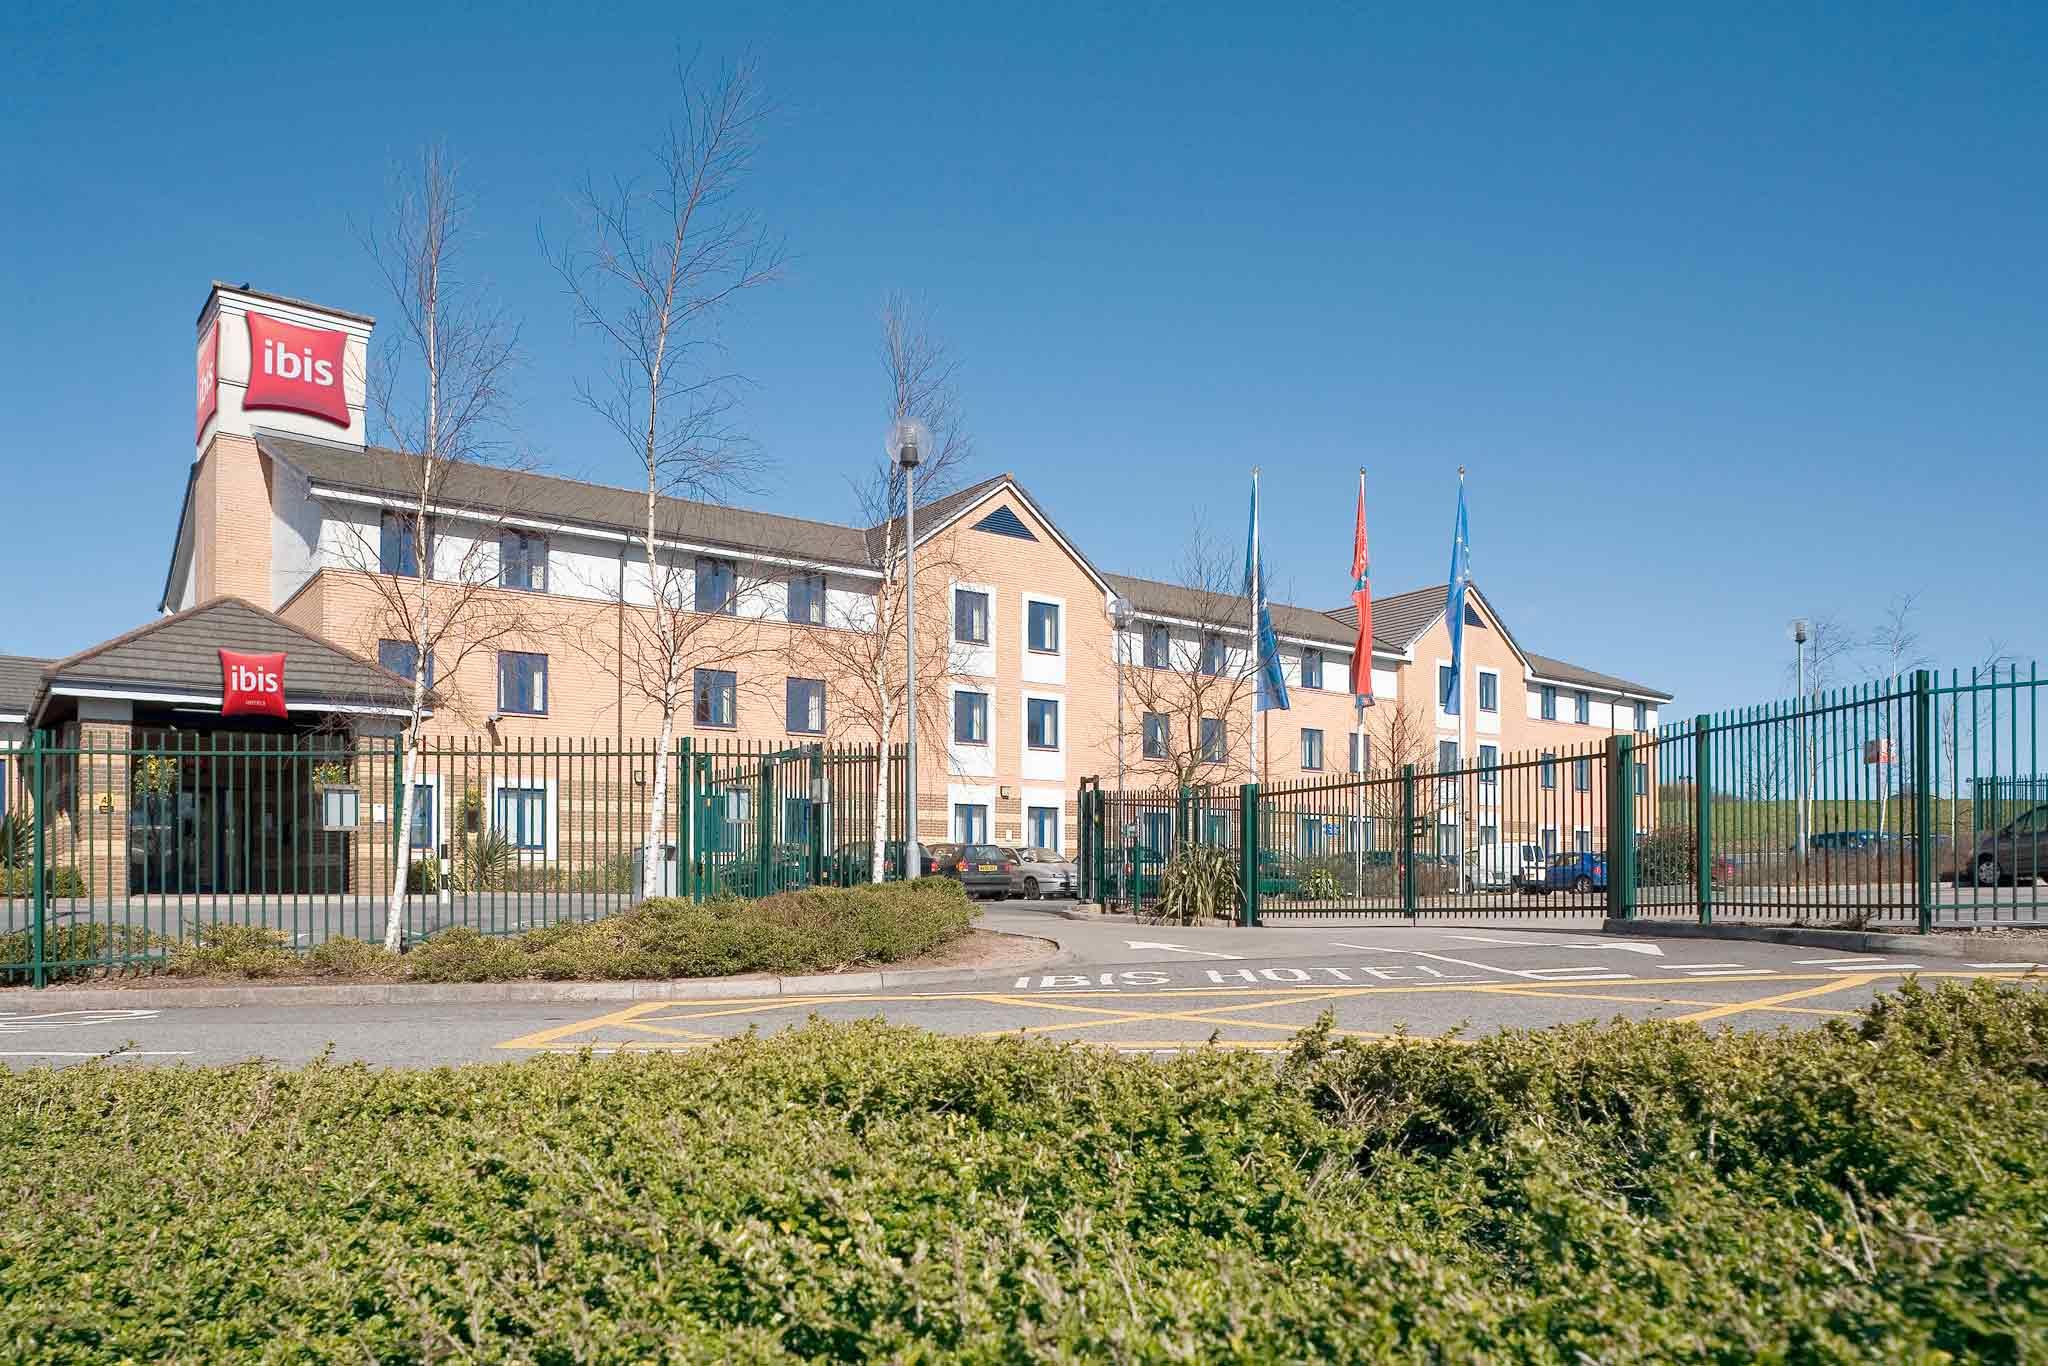 Hôtel - ibis Cardiff Gate - Centre d'affaires international